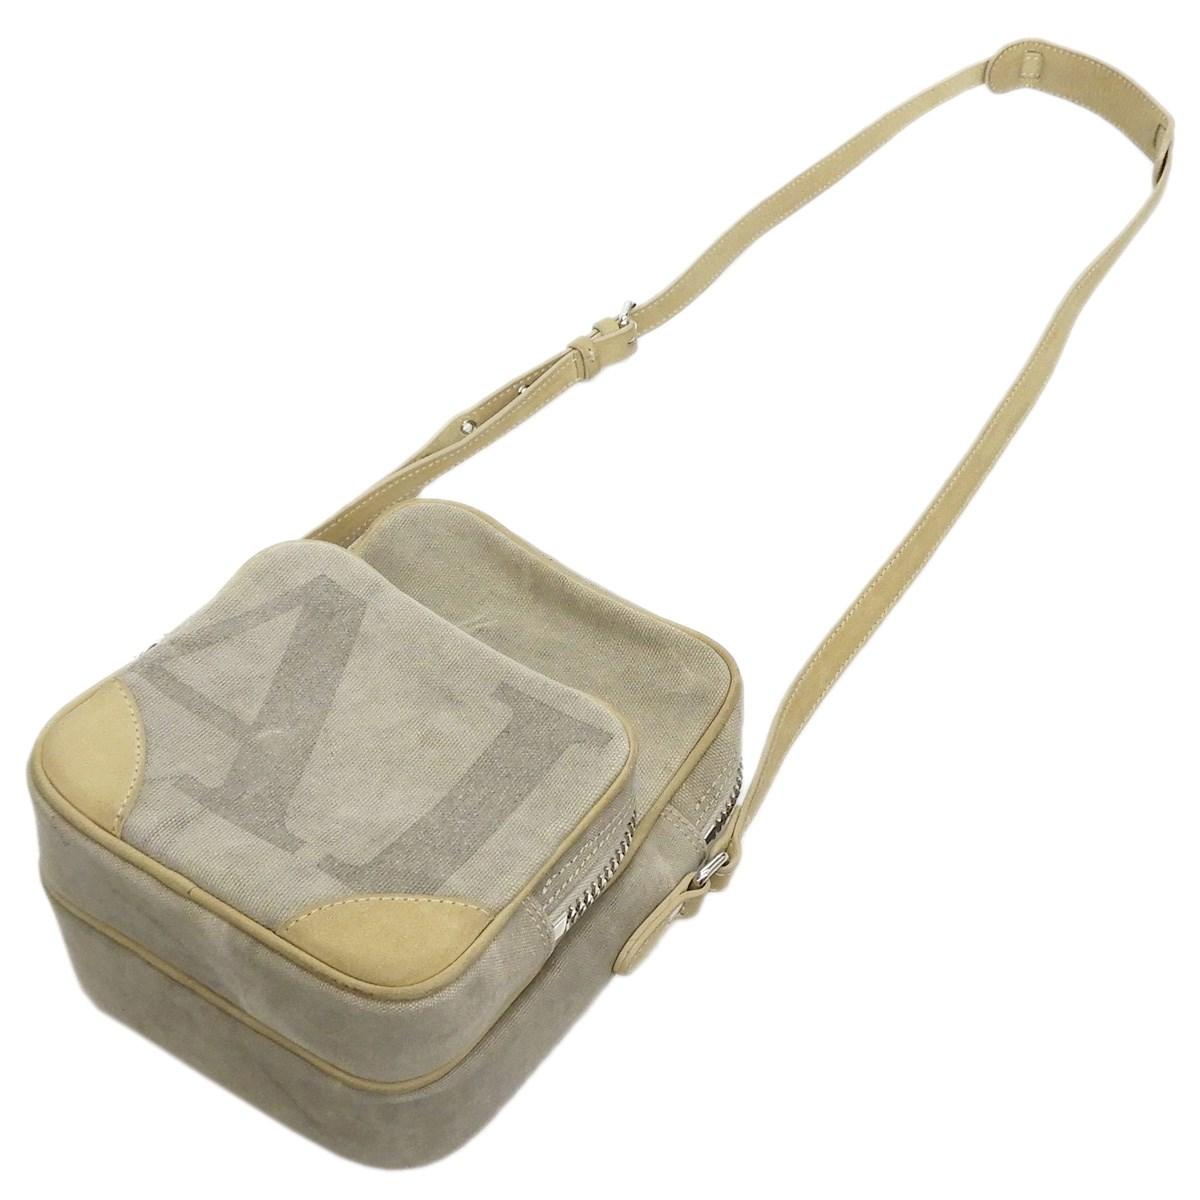 【中古】READYMADE「SMALL SHOULDER BAG」スモールショルダーバッグ ホワイト サイズ:-